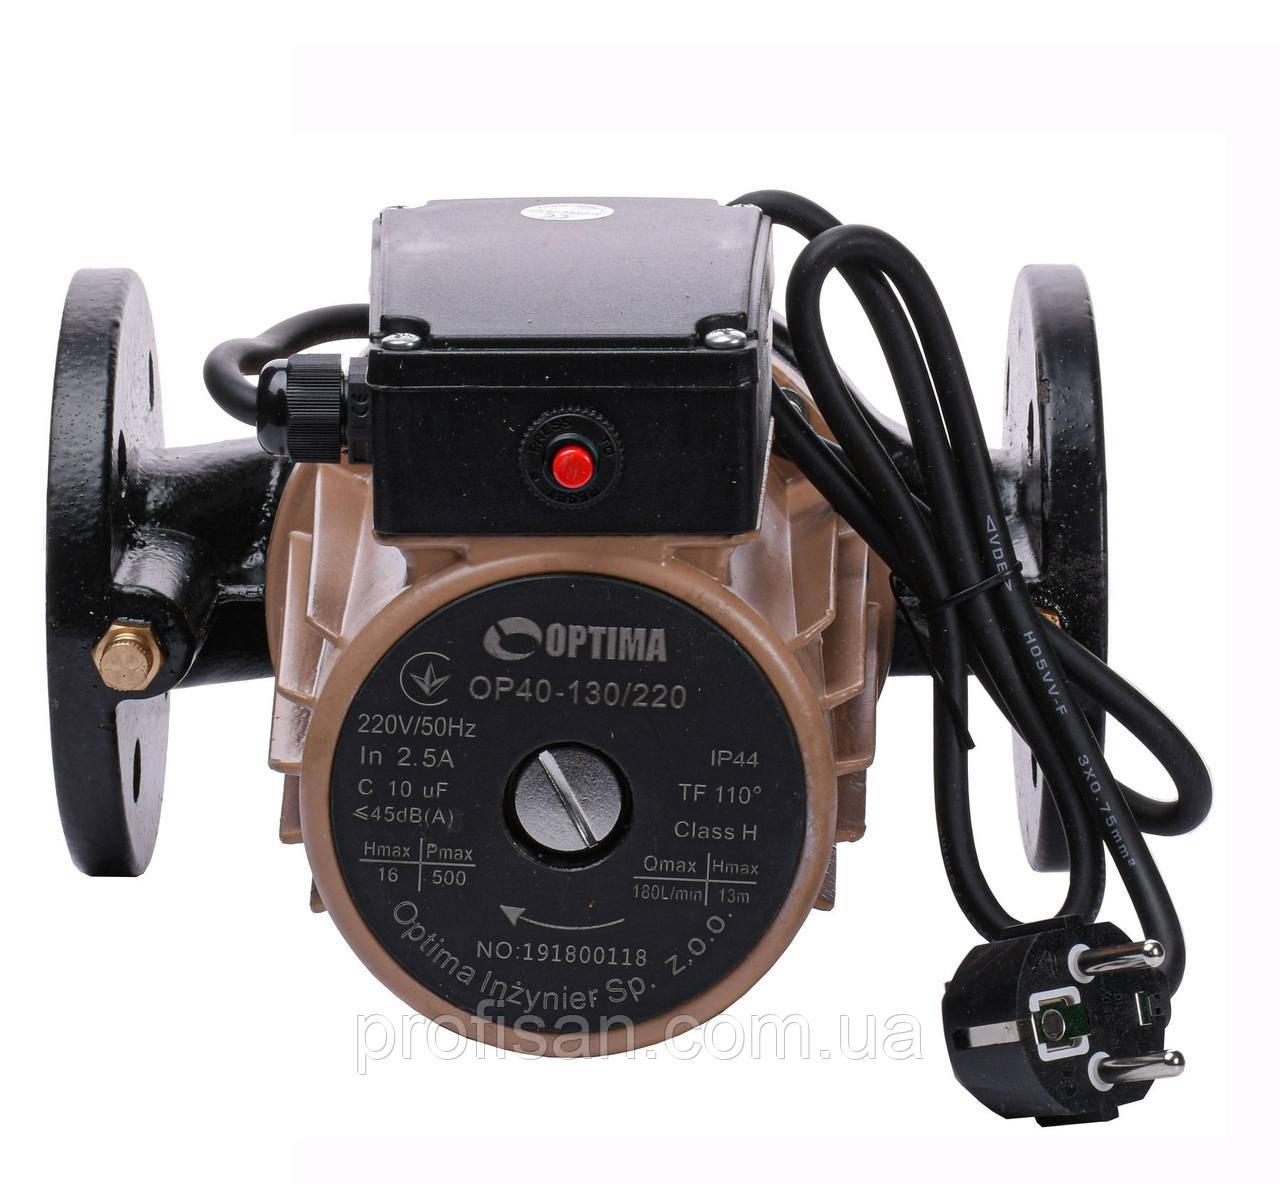 Насос  циркуляційний фланцевий Optima OP40-130 220мм + гайки, + кабель з вилкою!